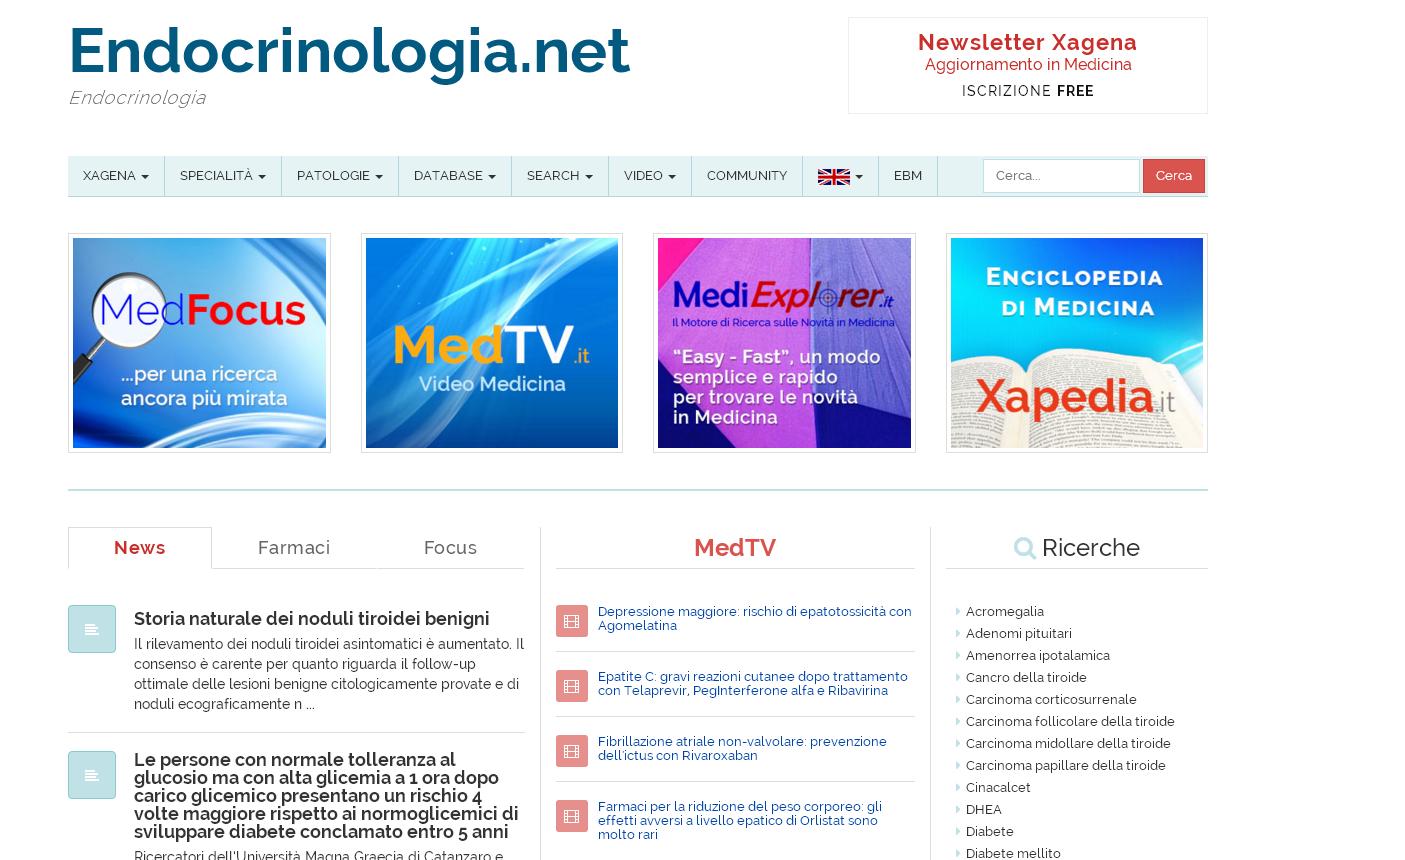 endocrinologianet